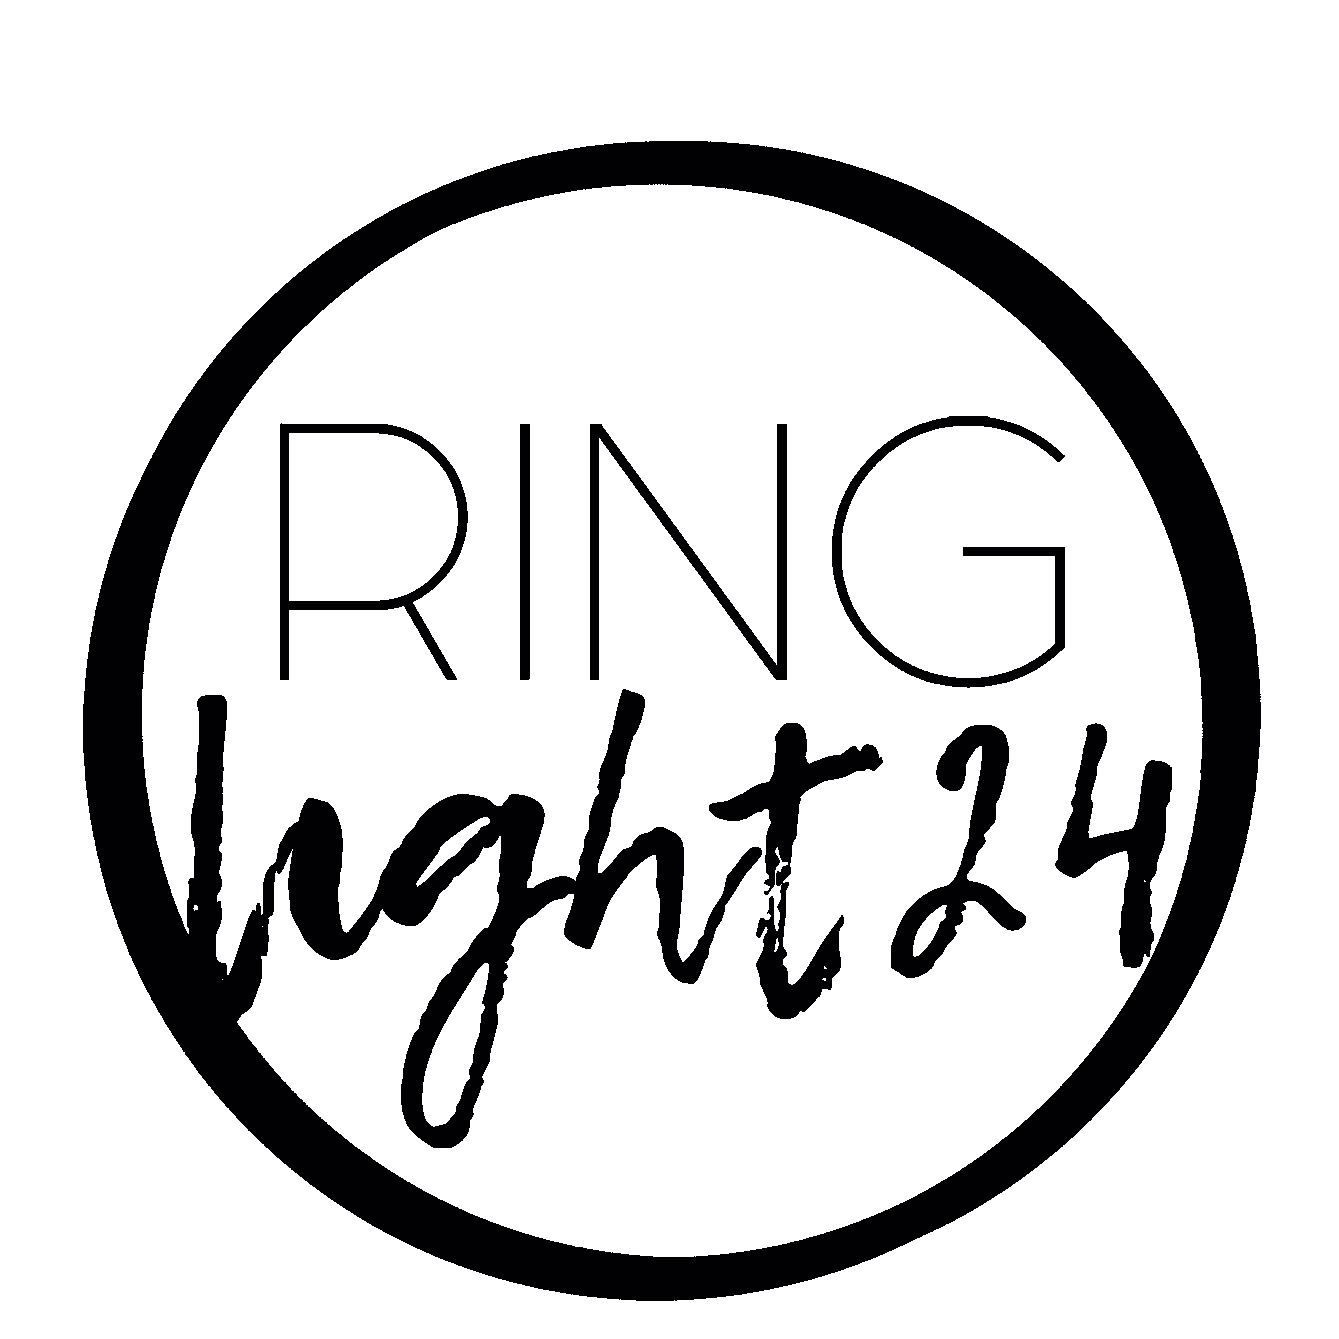 RINGLIGHT24